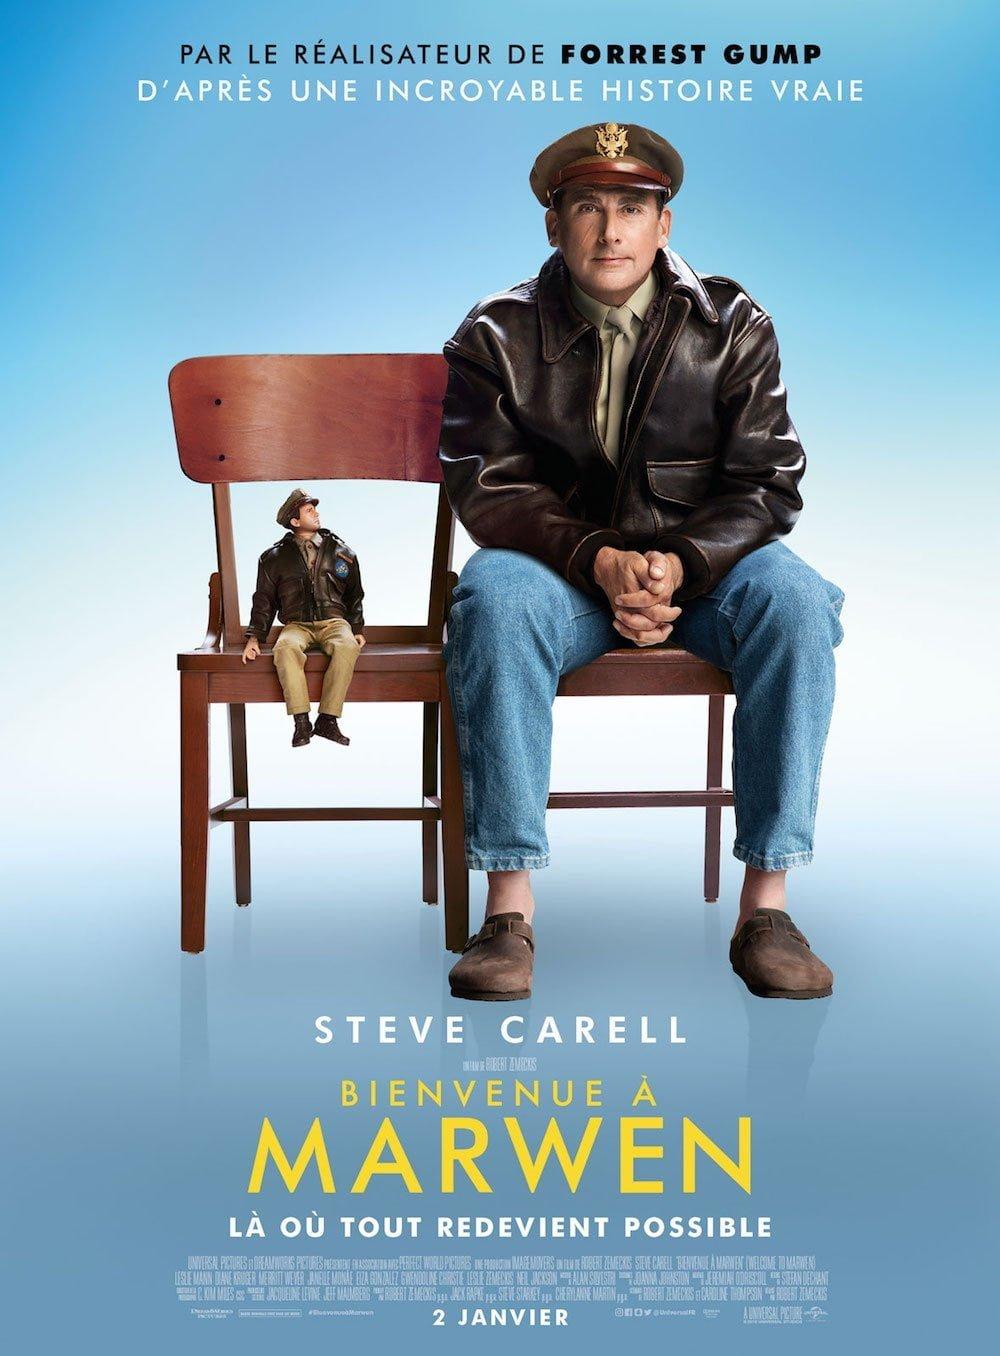 Bienvenue a Marwen affiche furyosa